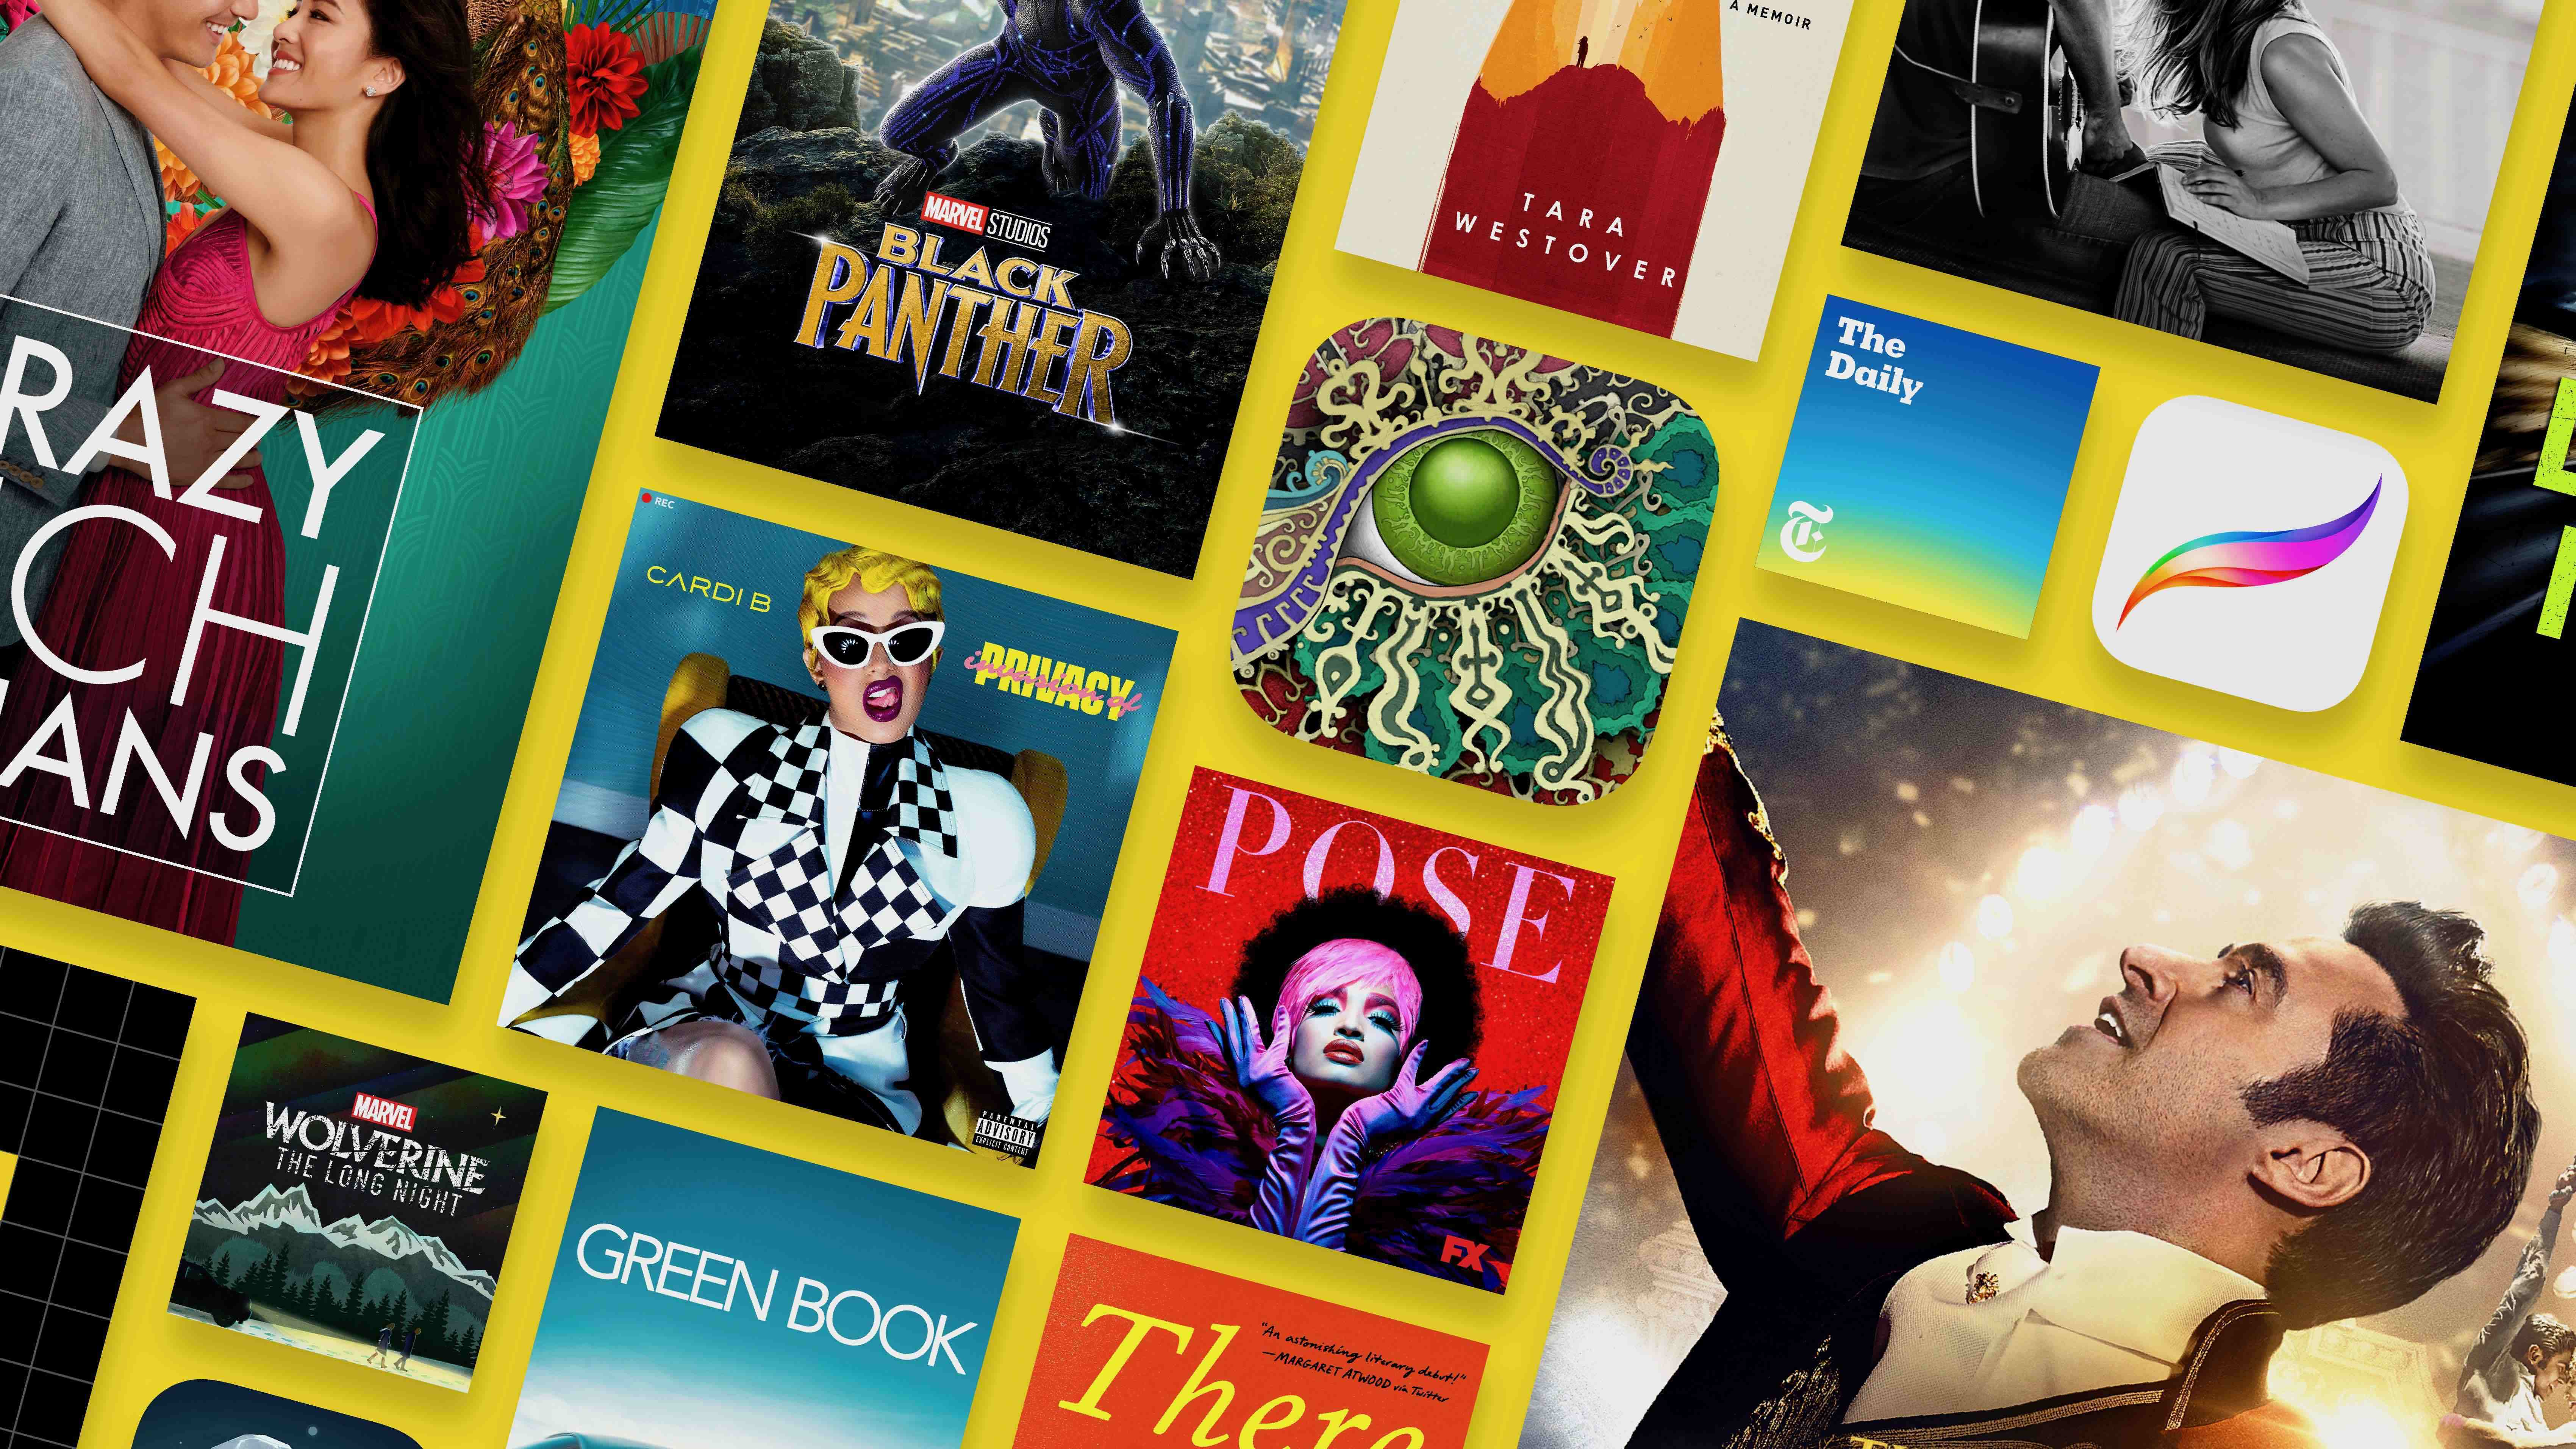 Apple oznámil nejpopulárnější aplikace a hry za rok 2018